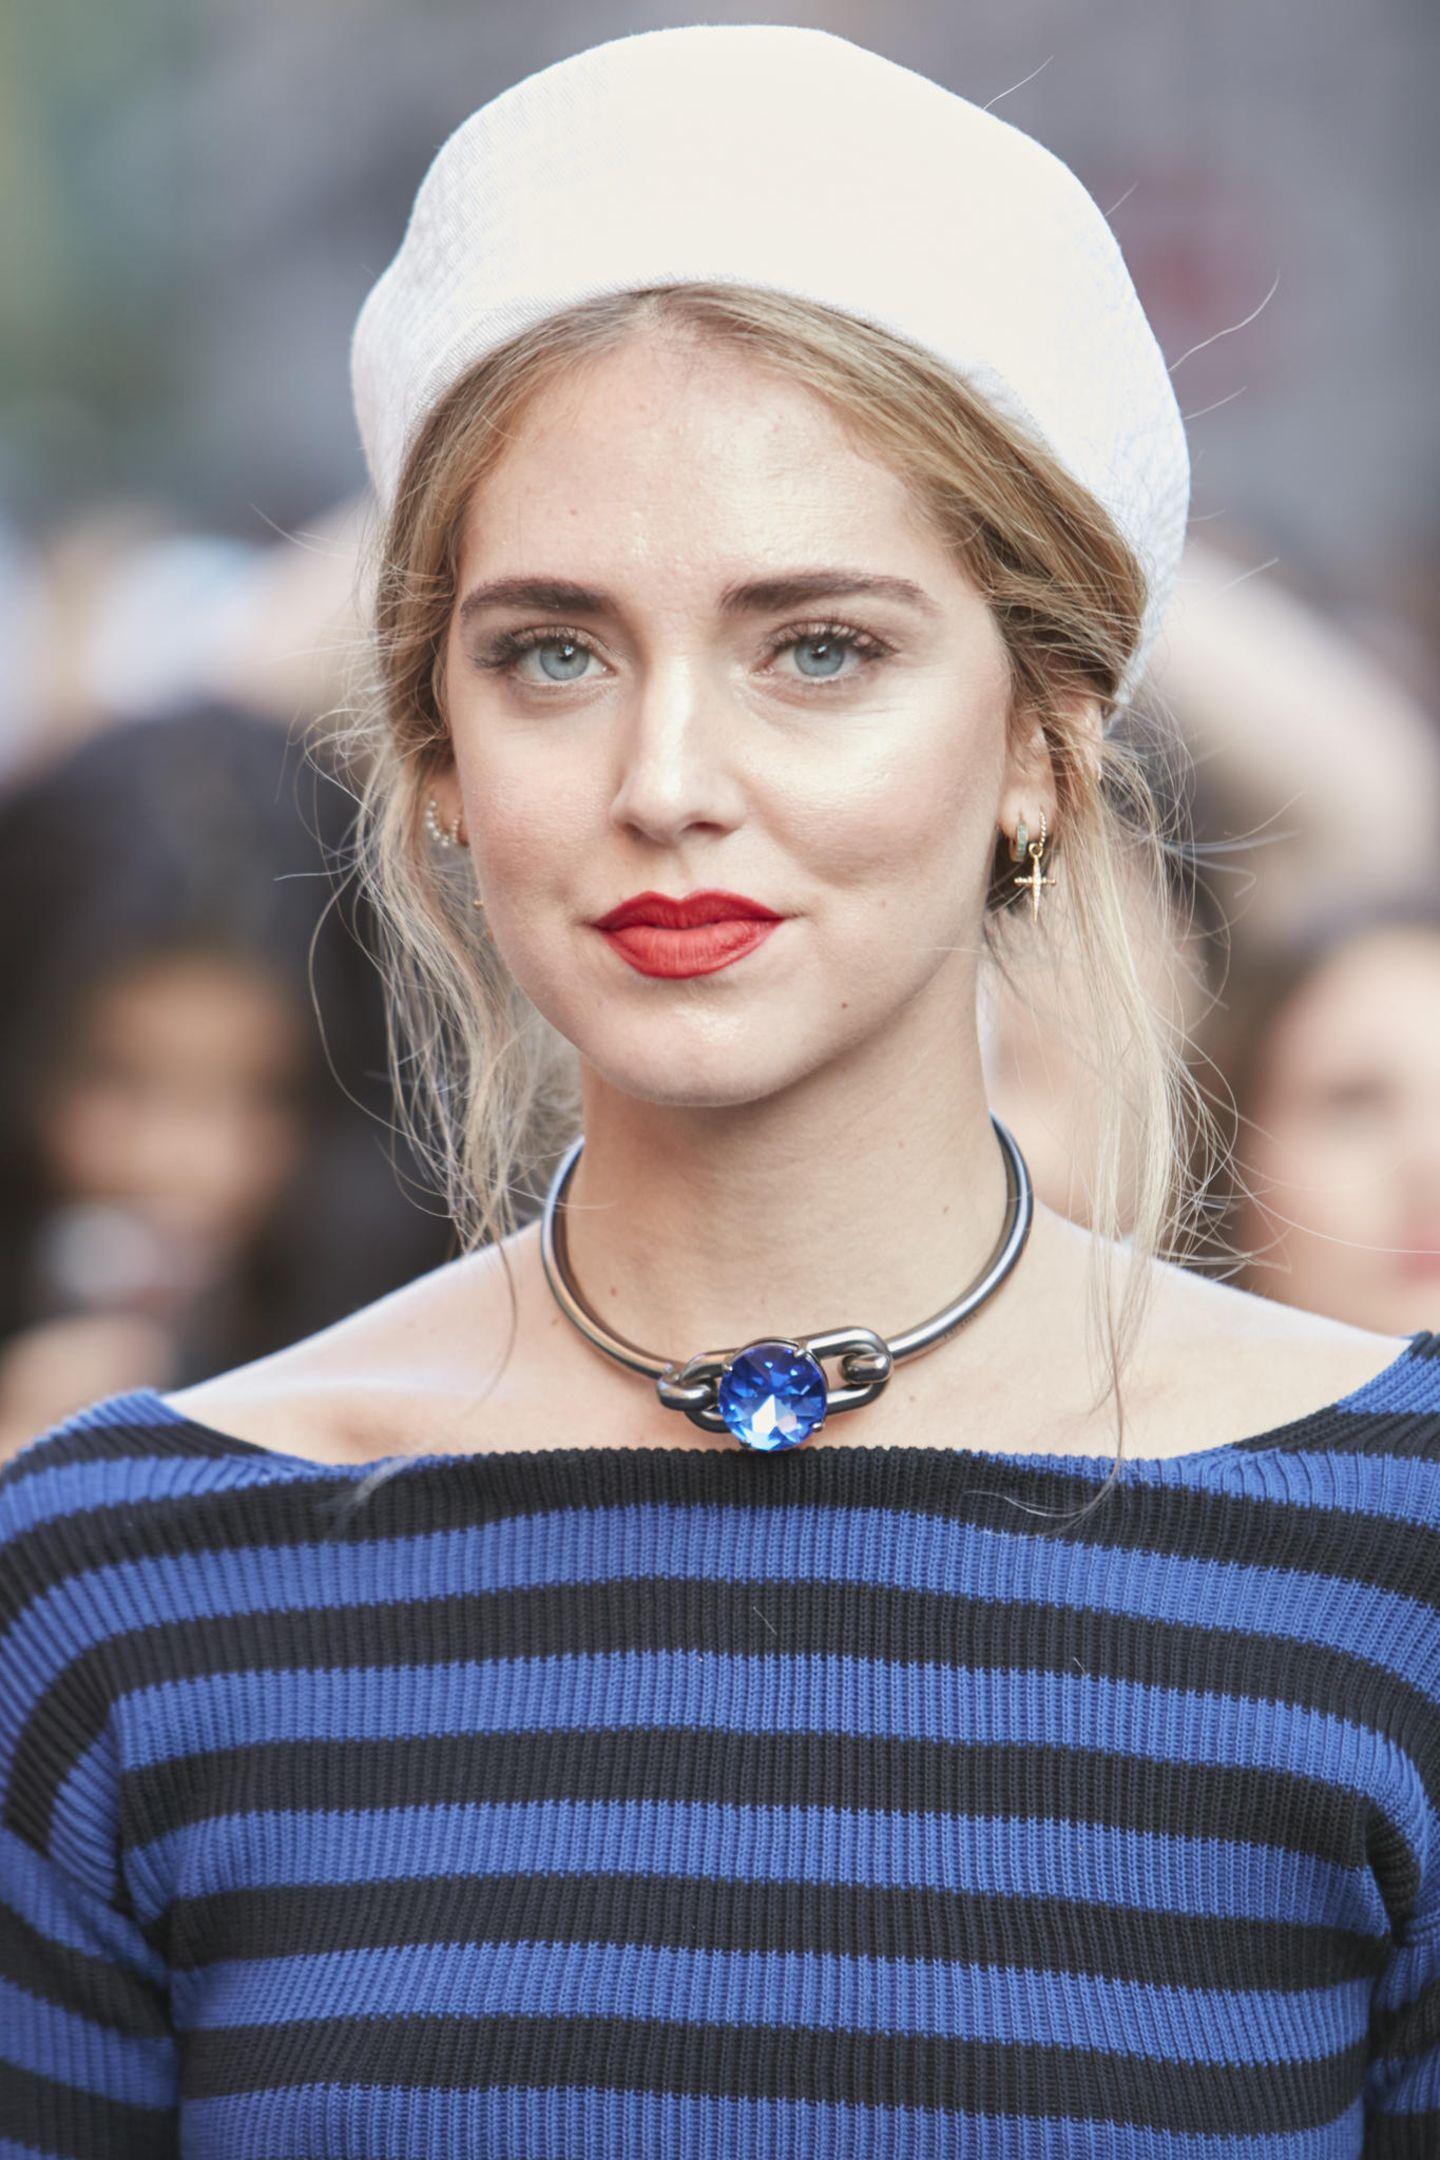 Winter-Frisuren:  Frau mit weißer Kappe